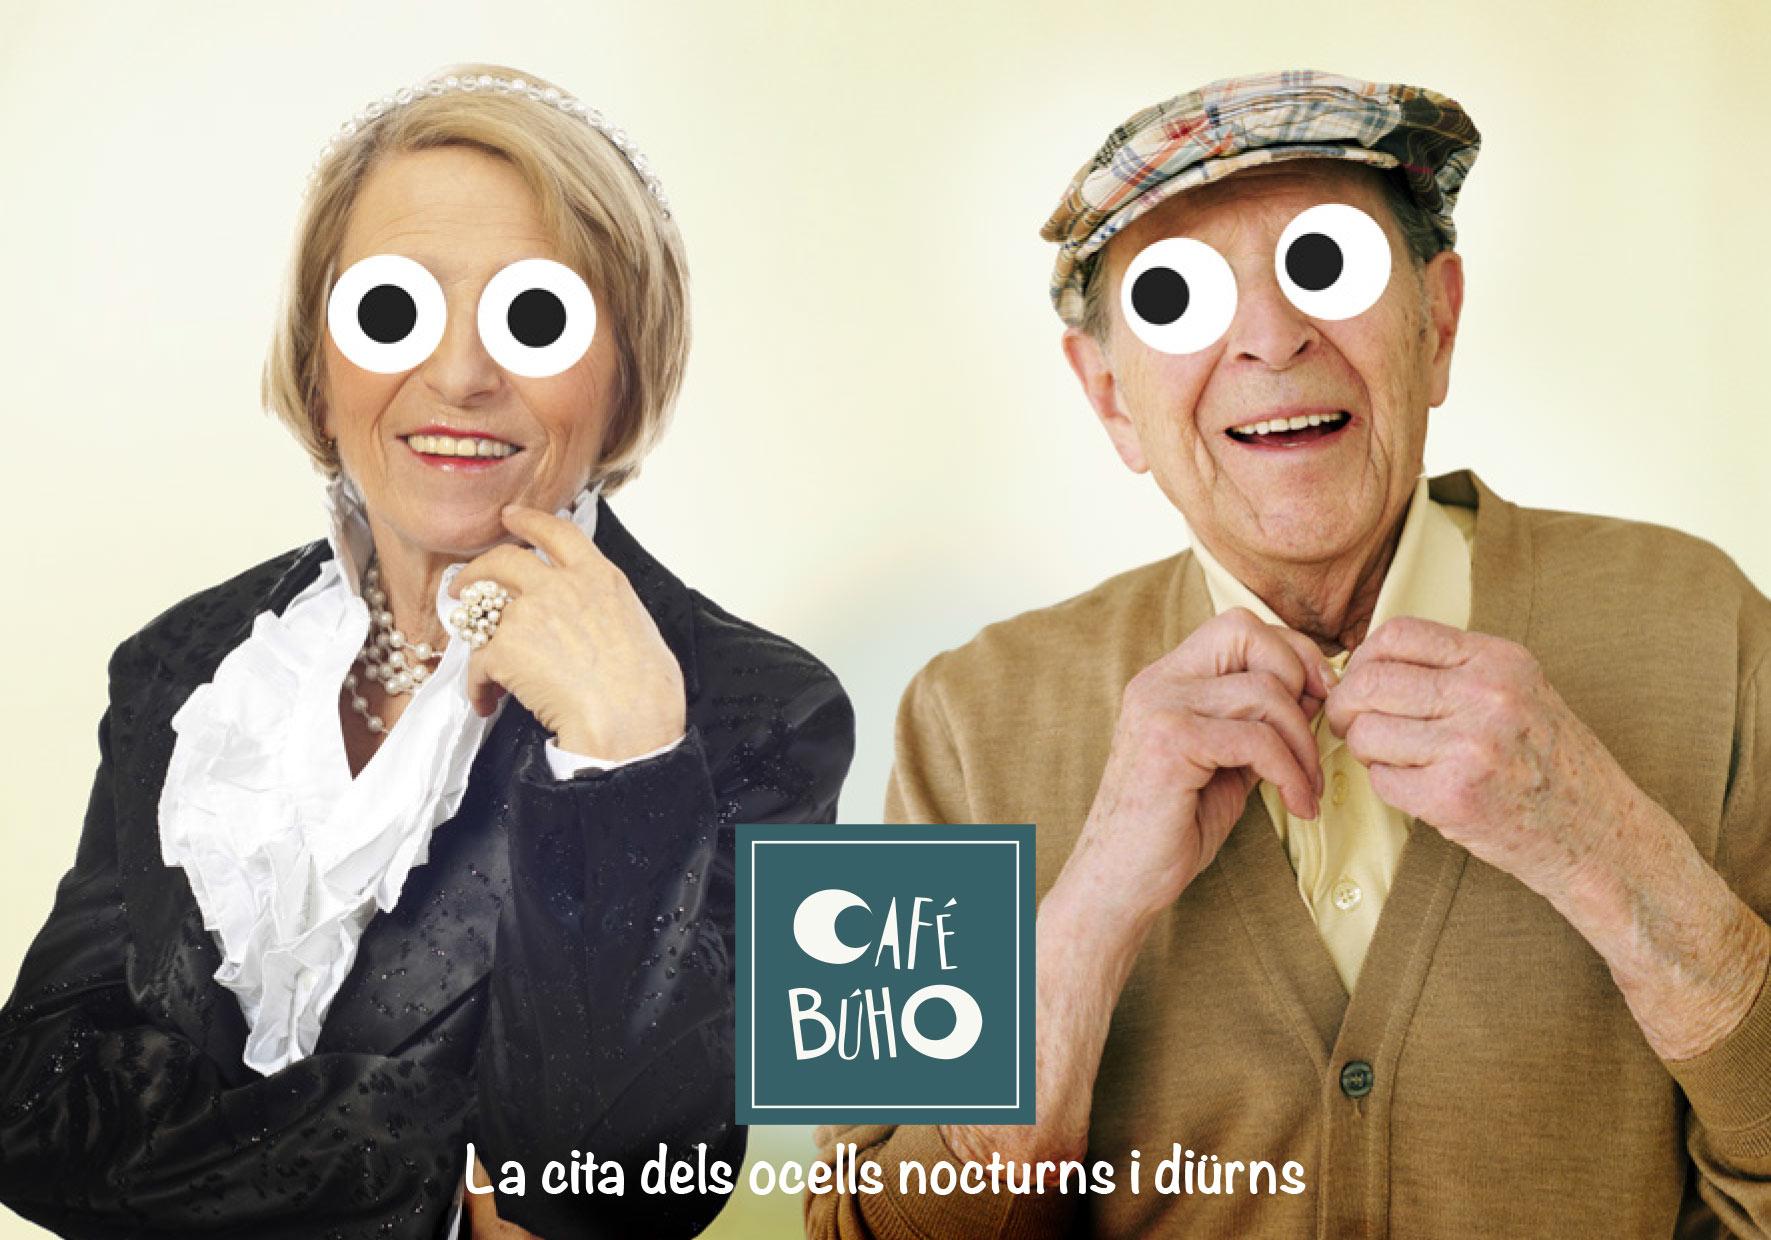 Place des Victoires Communication - Café Buho - Publicité - visuel seniors